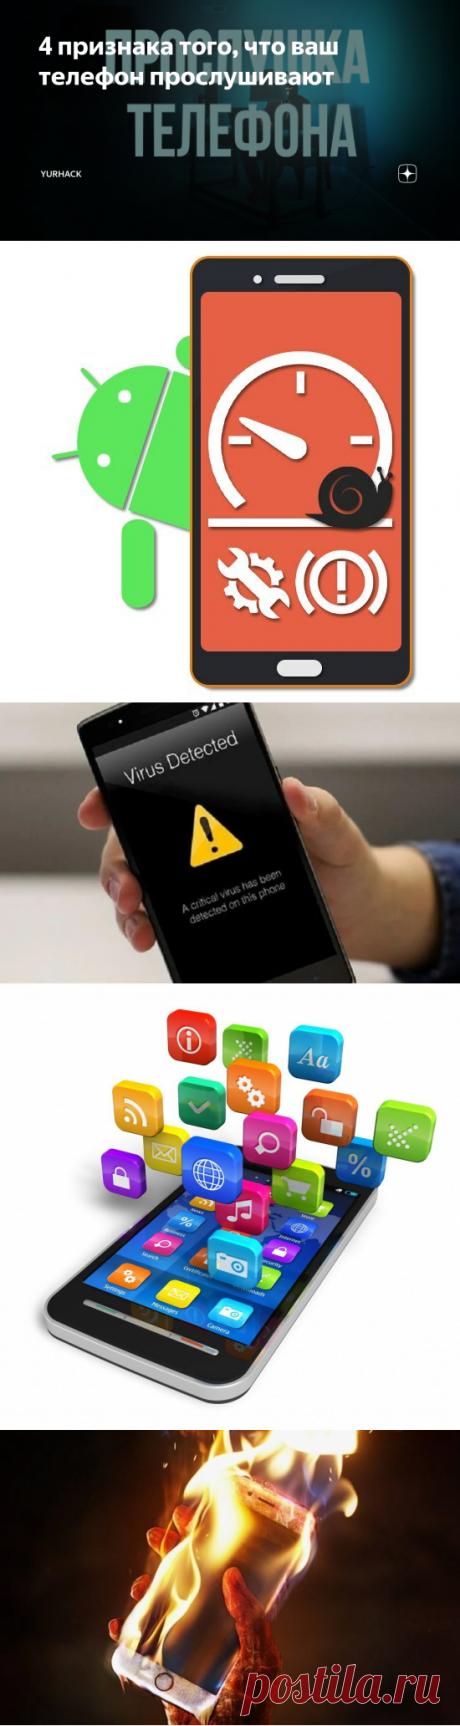 4 признака того, что ваш телефон прослушивают   YurHack   Яндекс Дзен